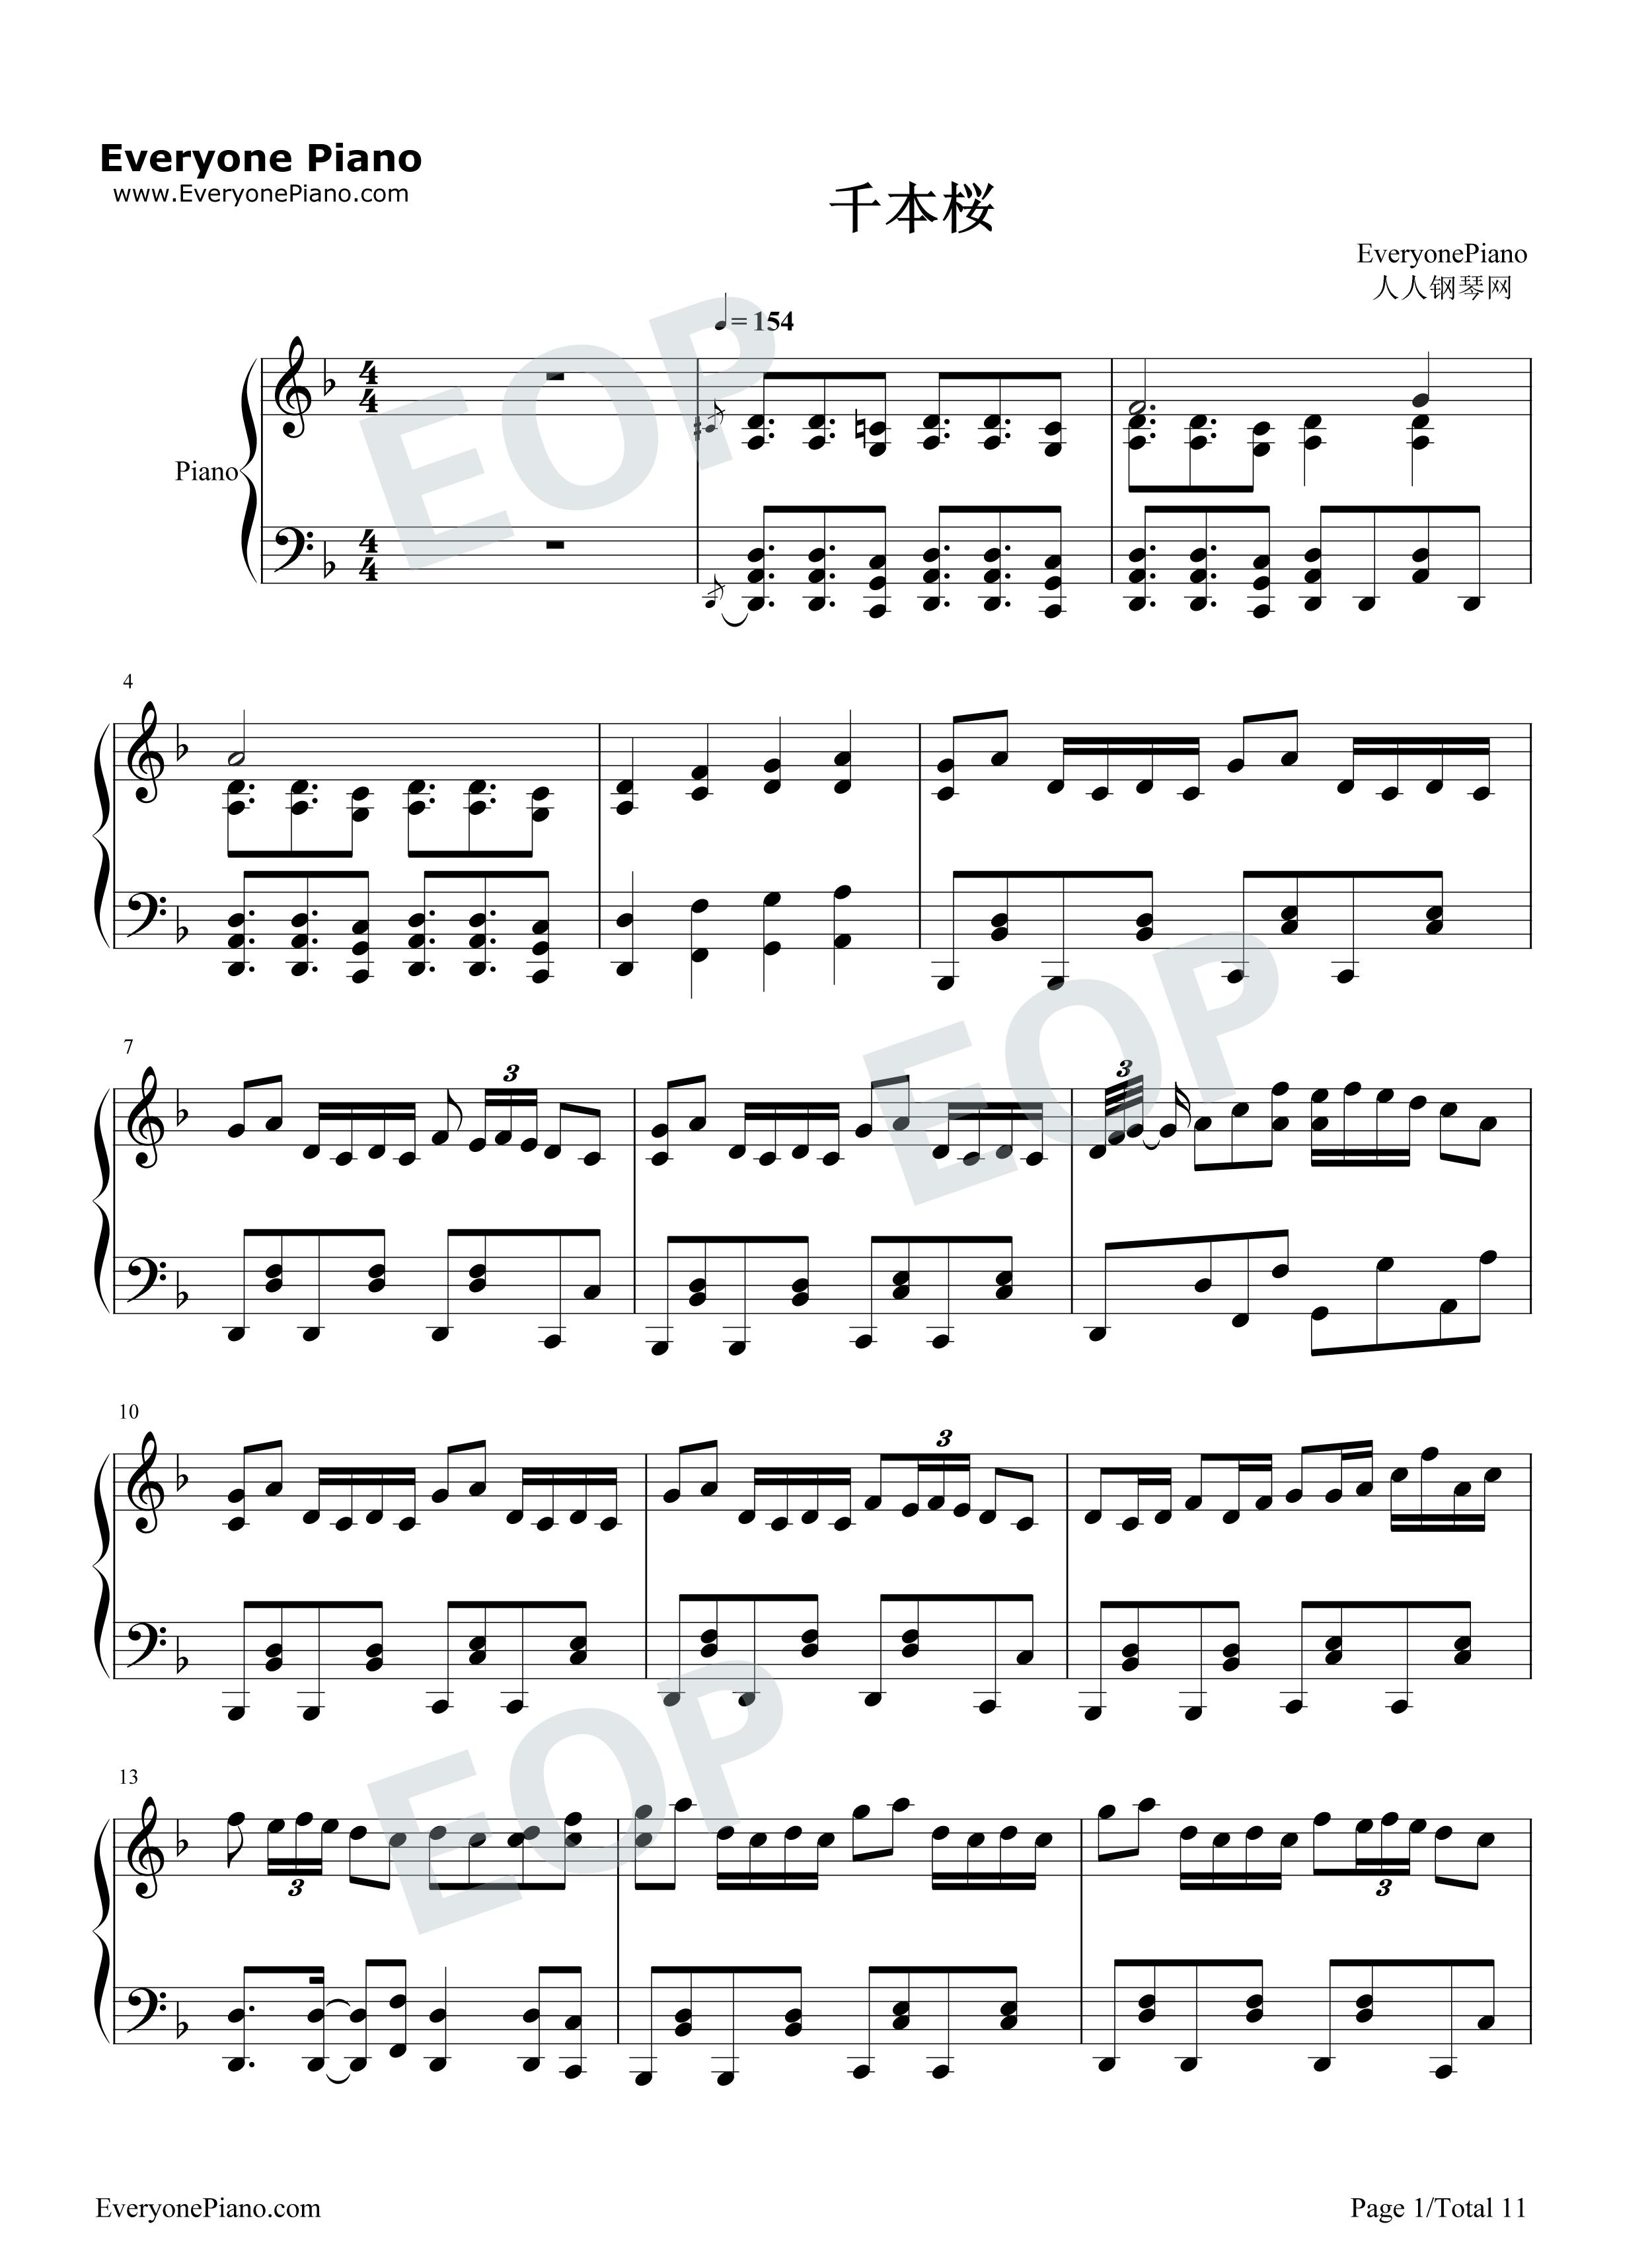 simeji ピアノ 楽譜 数字